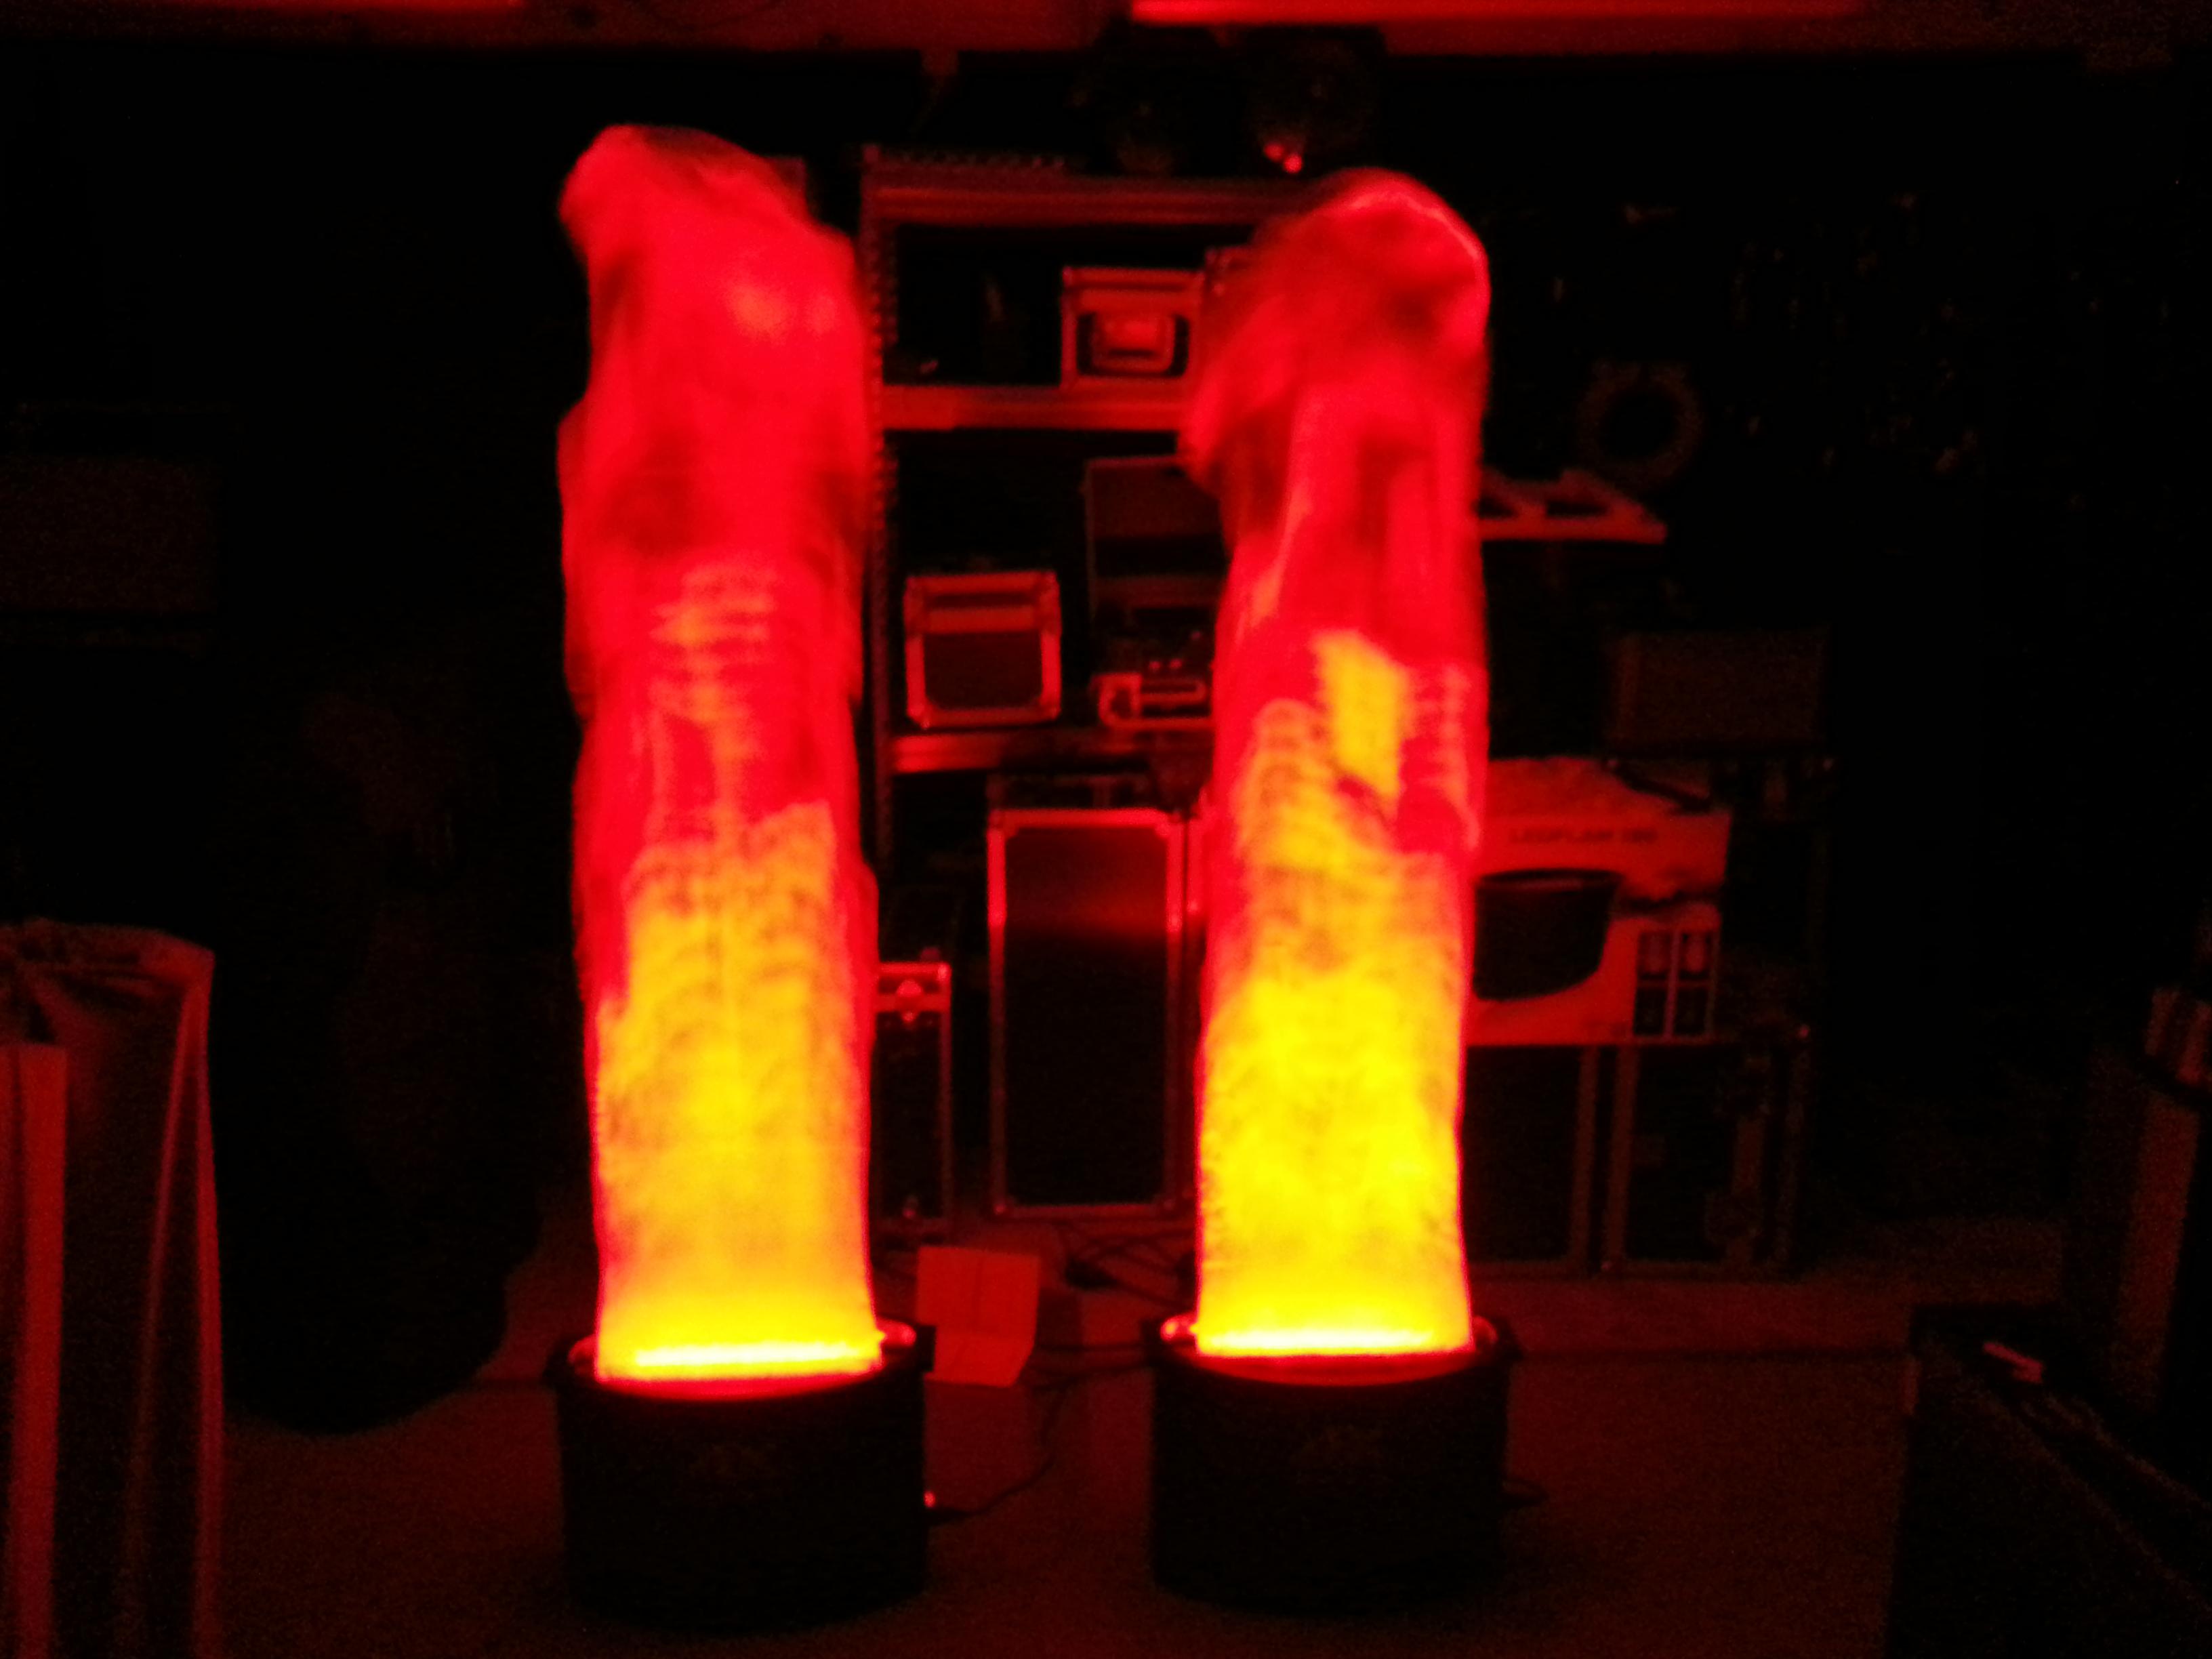 AFX Light LED FLAMME 180 Image 724600 Audiofanzine